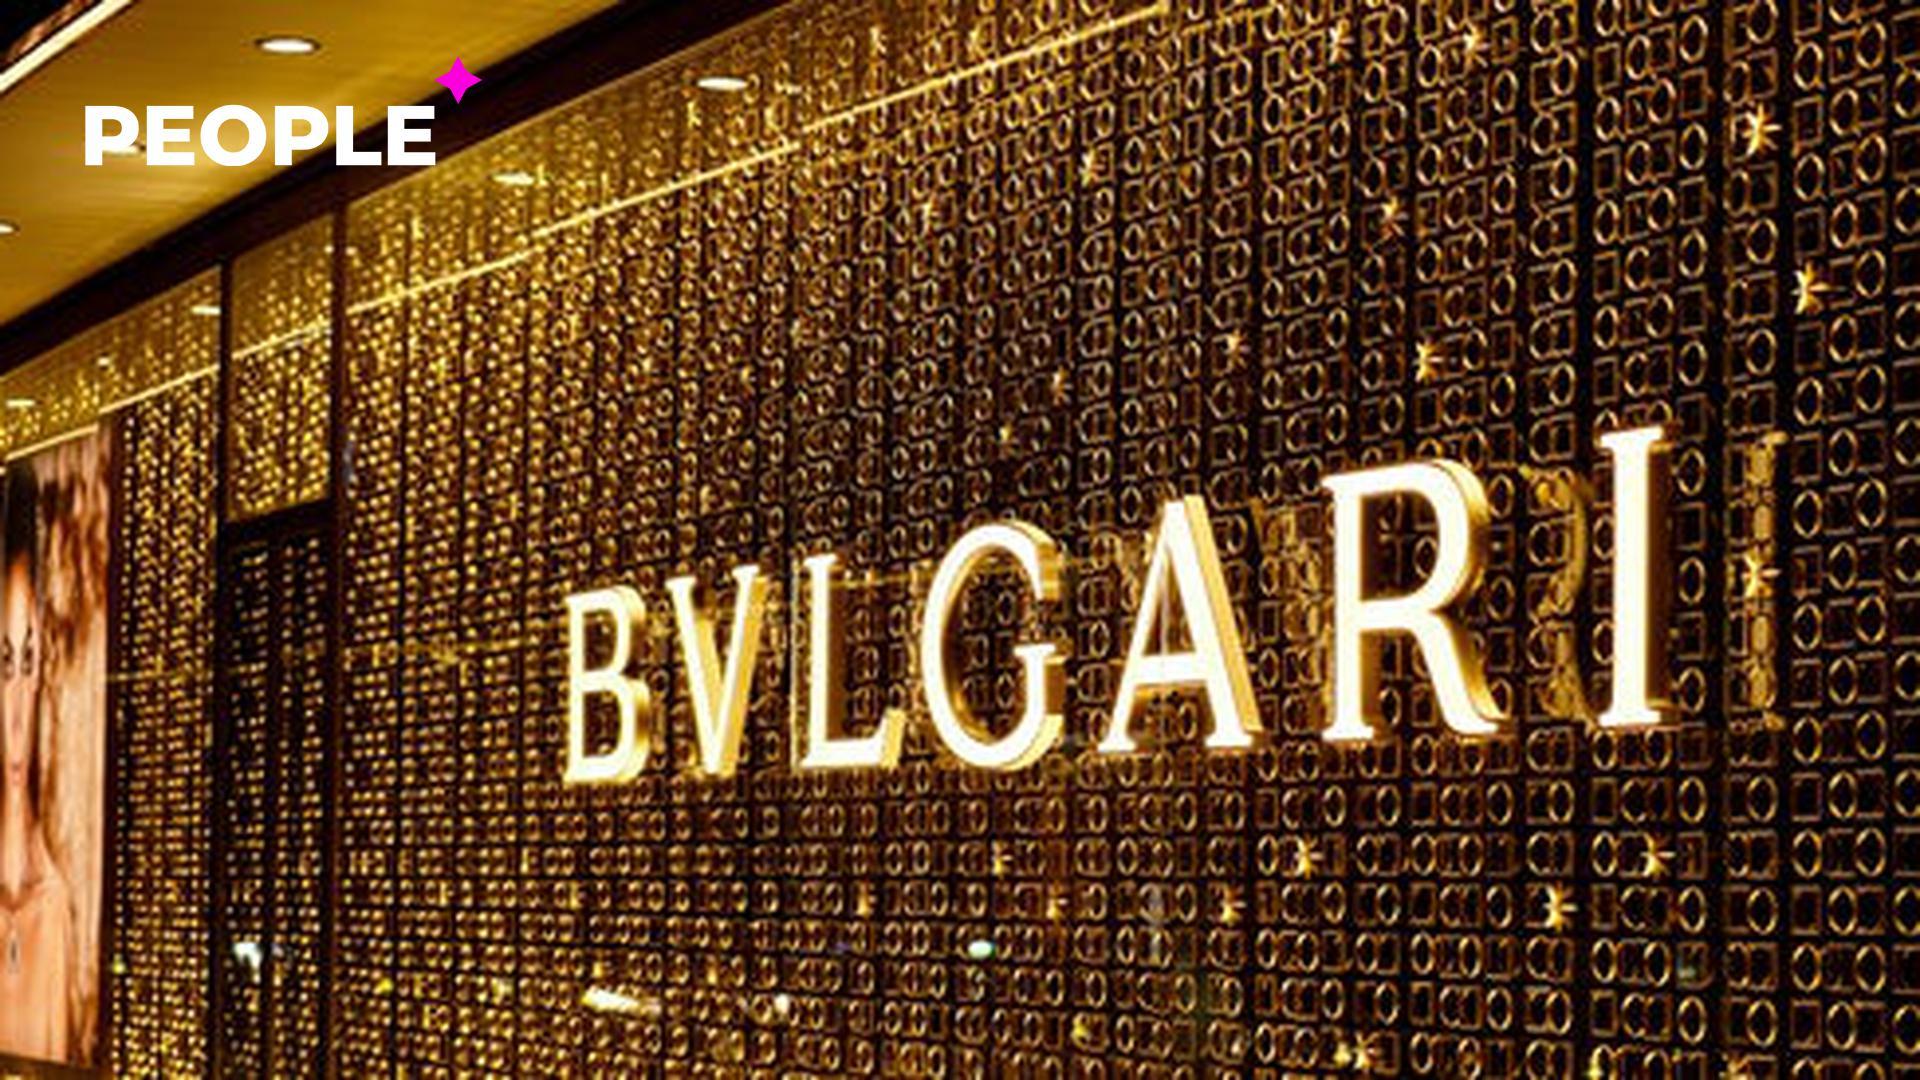 Неизвестные ограбили магазин Bulgari почти на 12 миллионов долларов